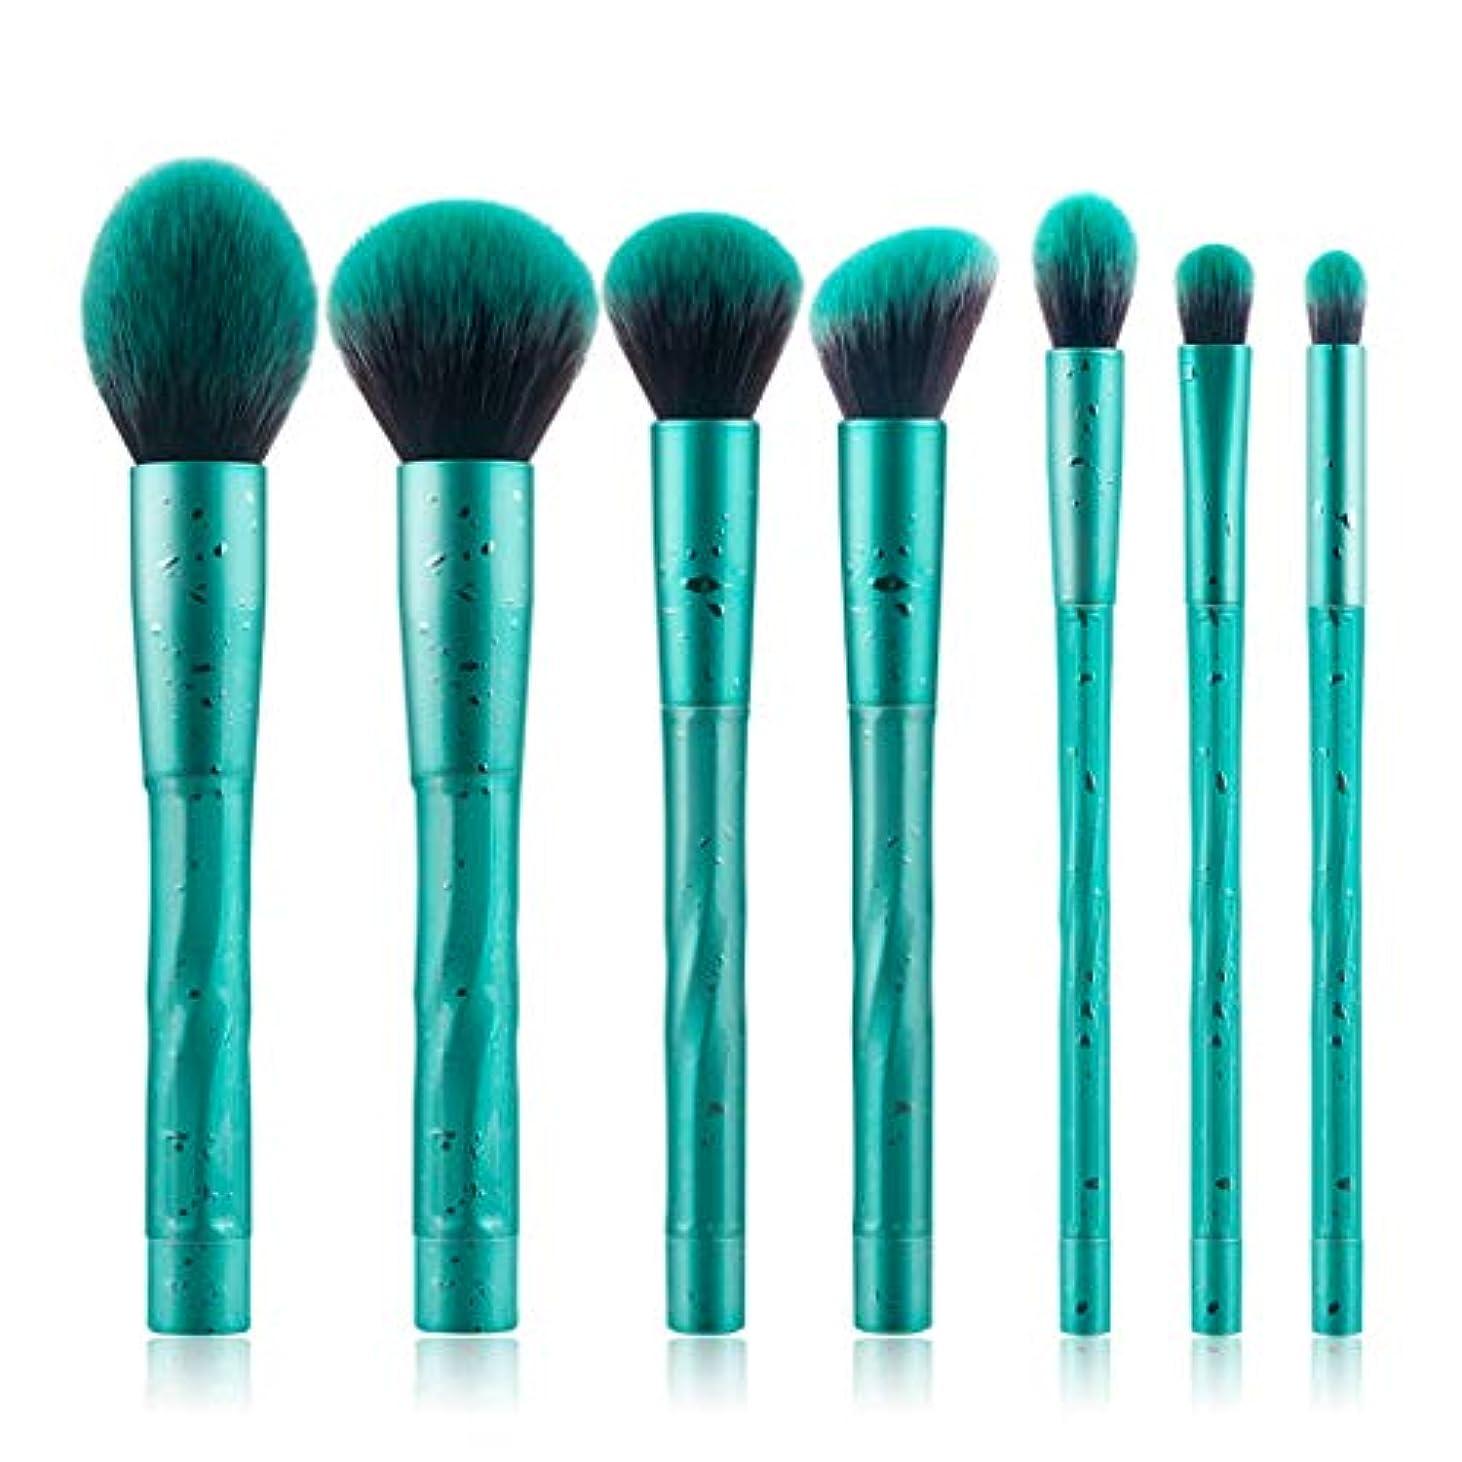 見習い贅沢な数値5化粧ブラシアイシャドーブラッシュ美容ブラシ初心者セット